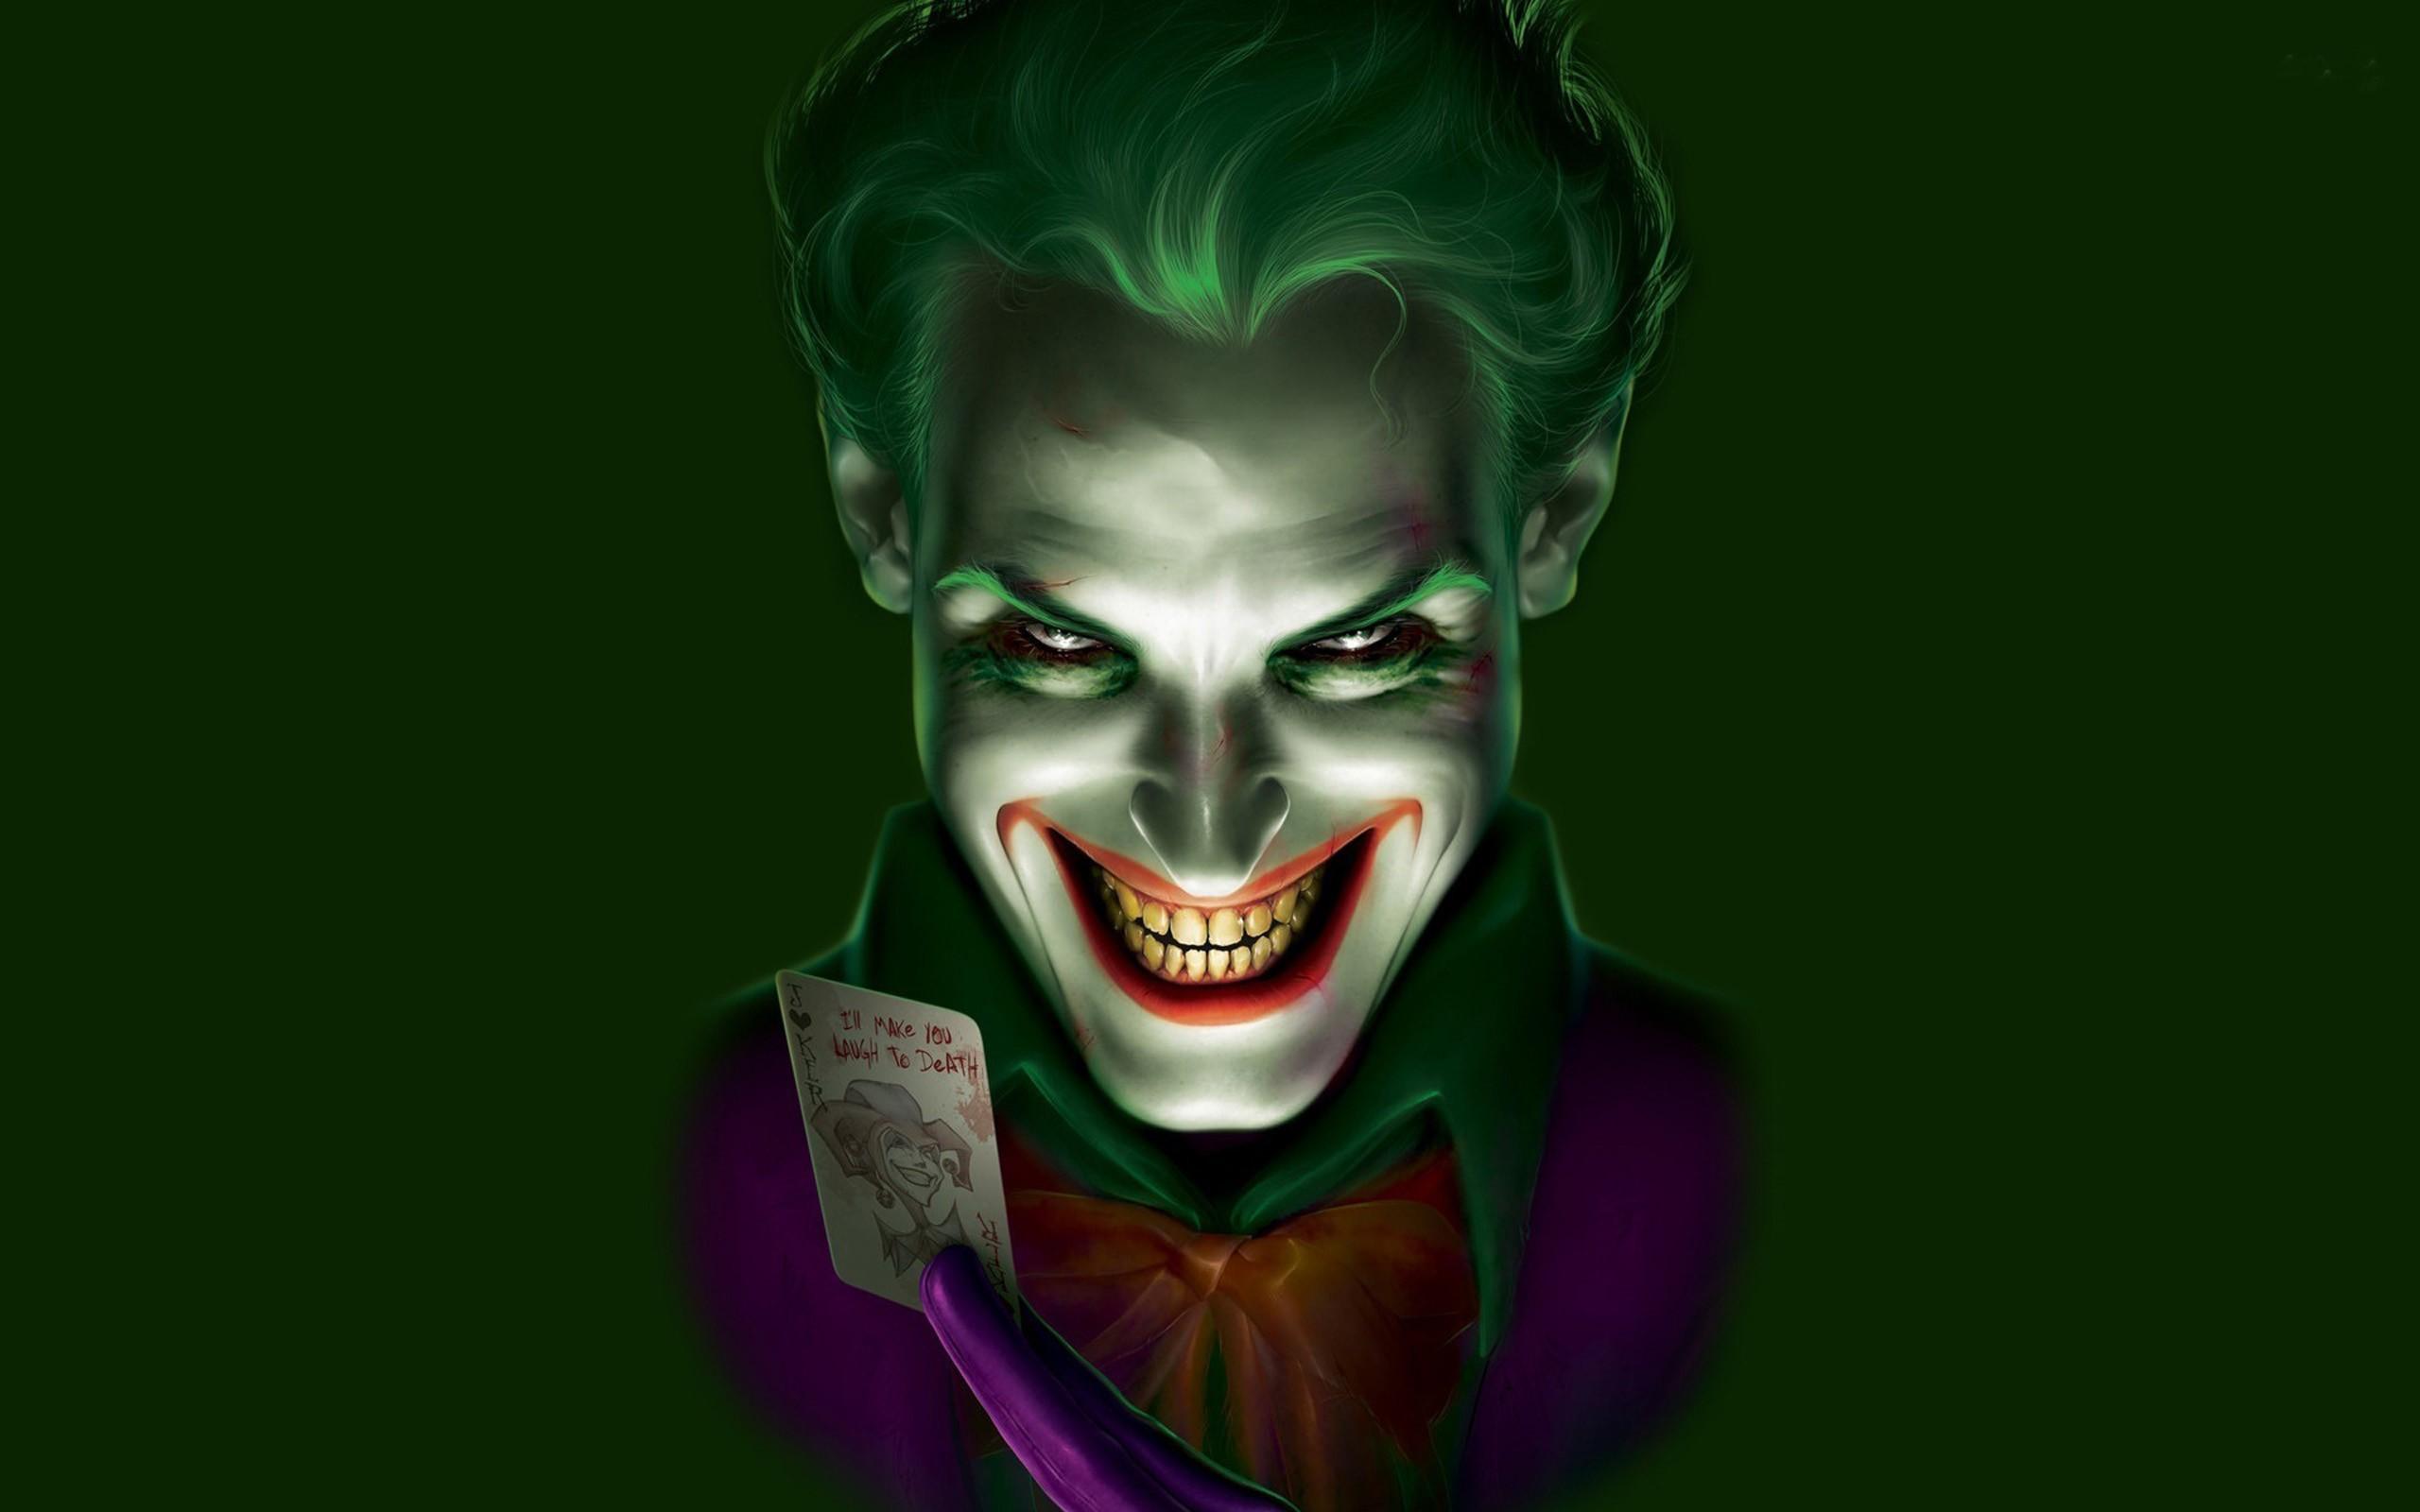 Joker çizgi film